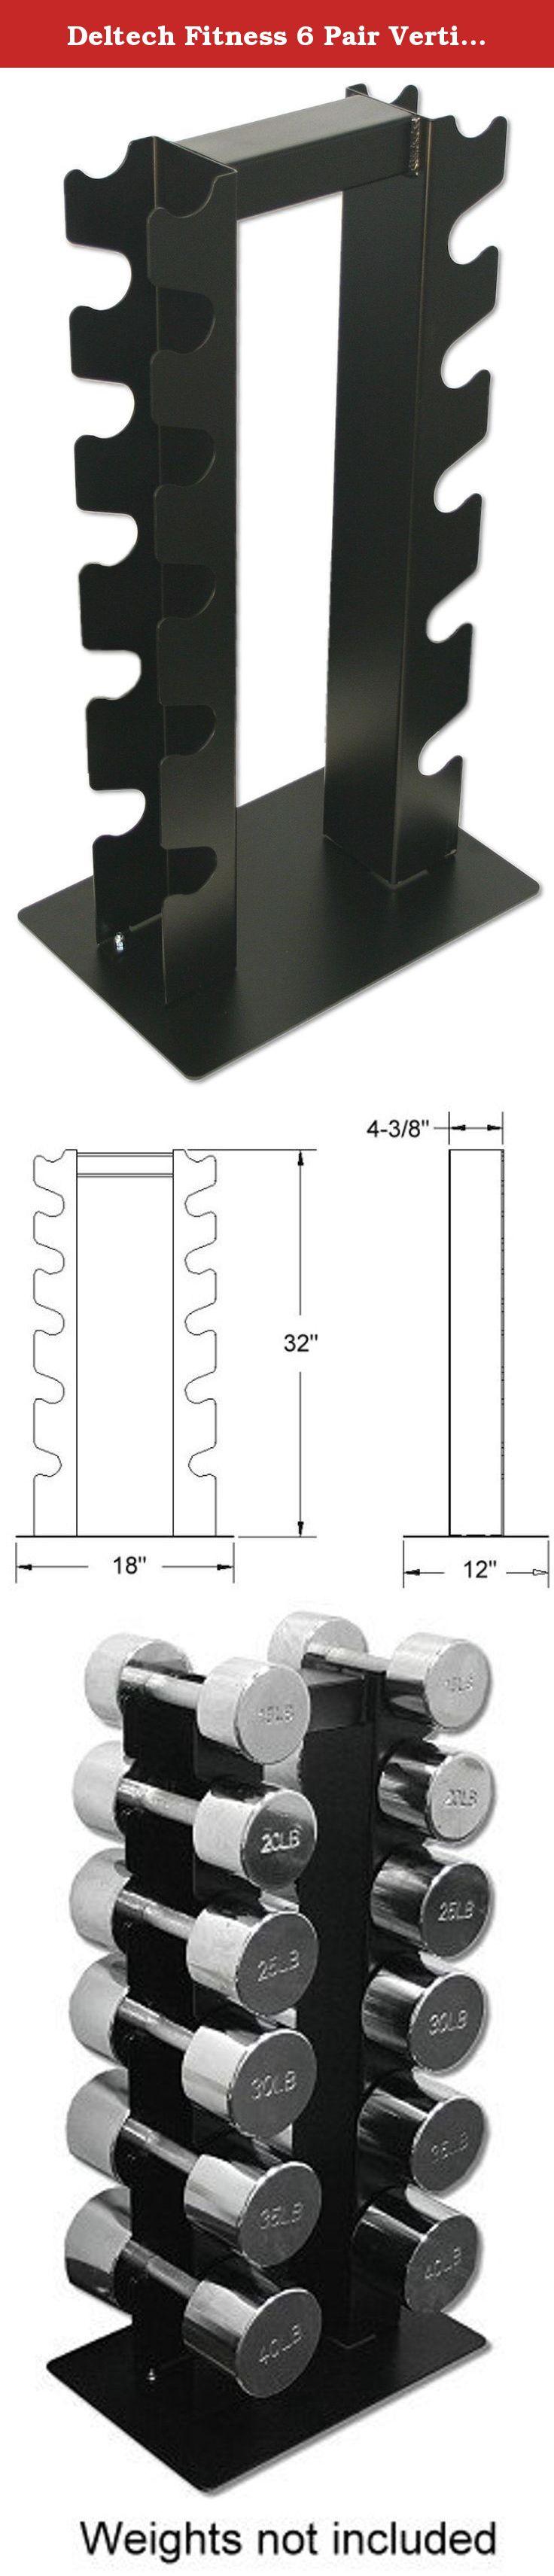 Deltech fitness 6 pair vertical dumbbell rack the df5100